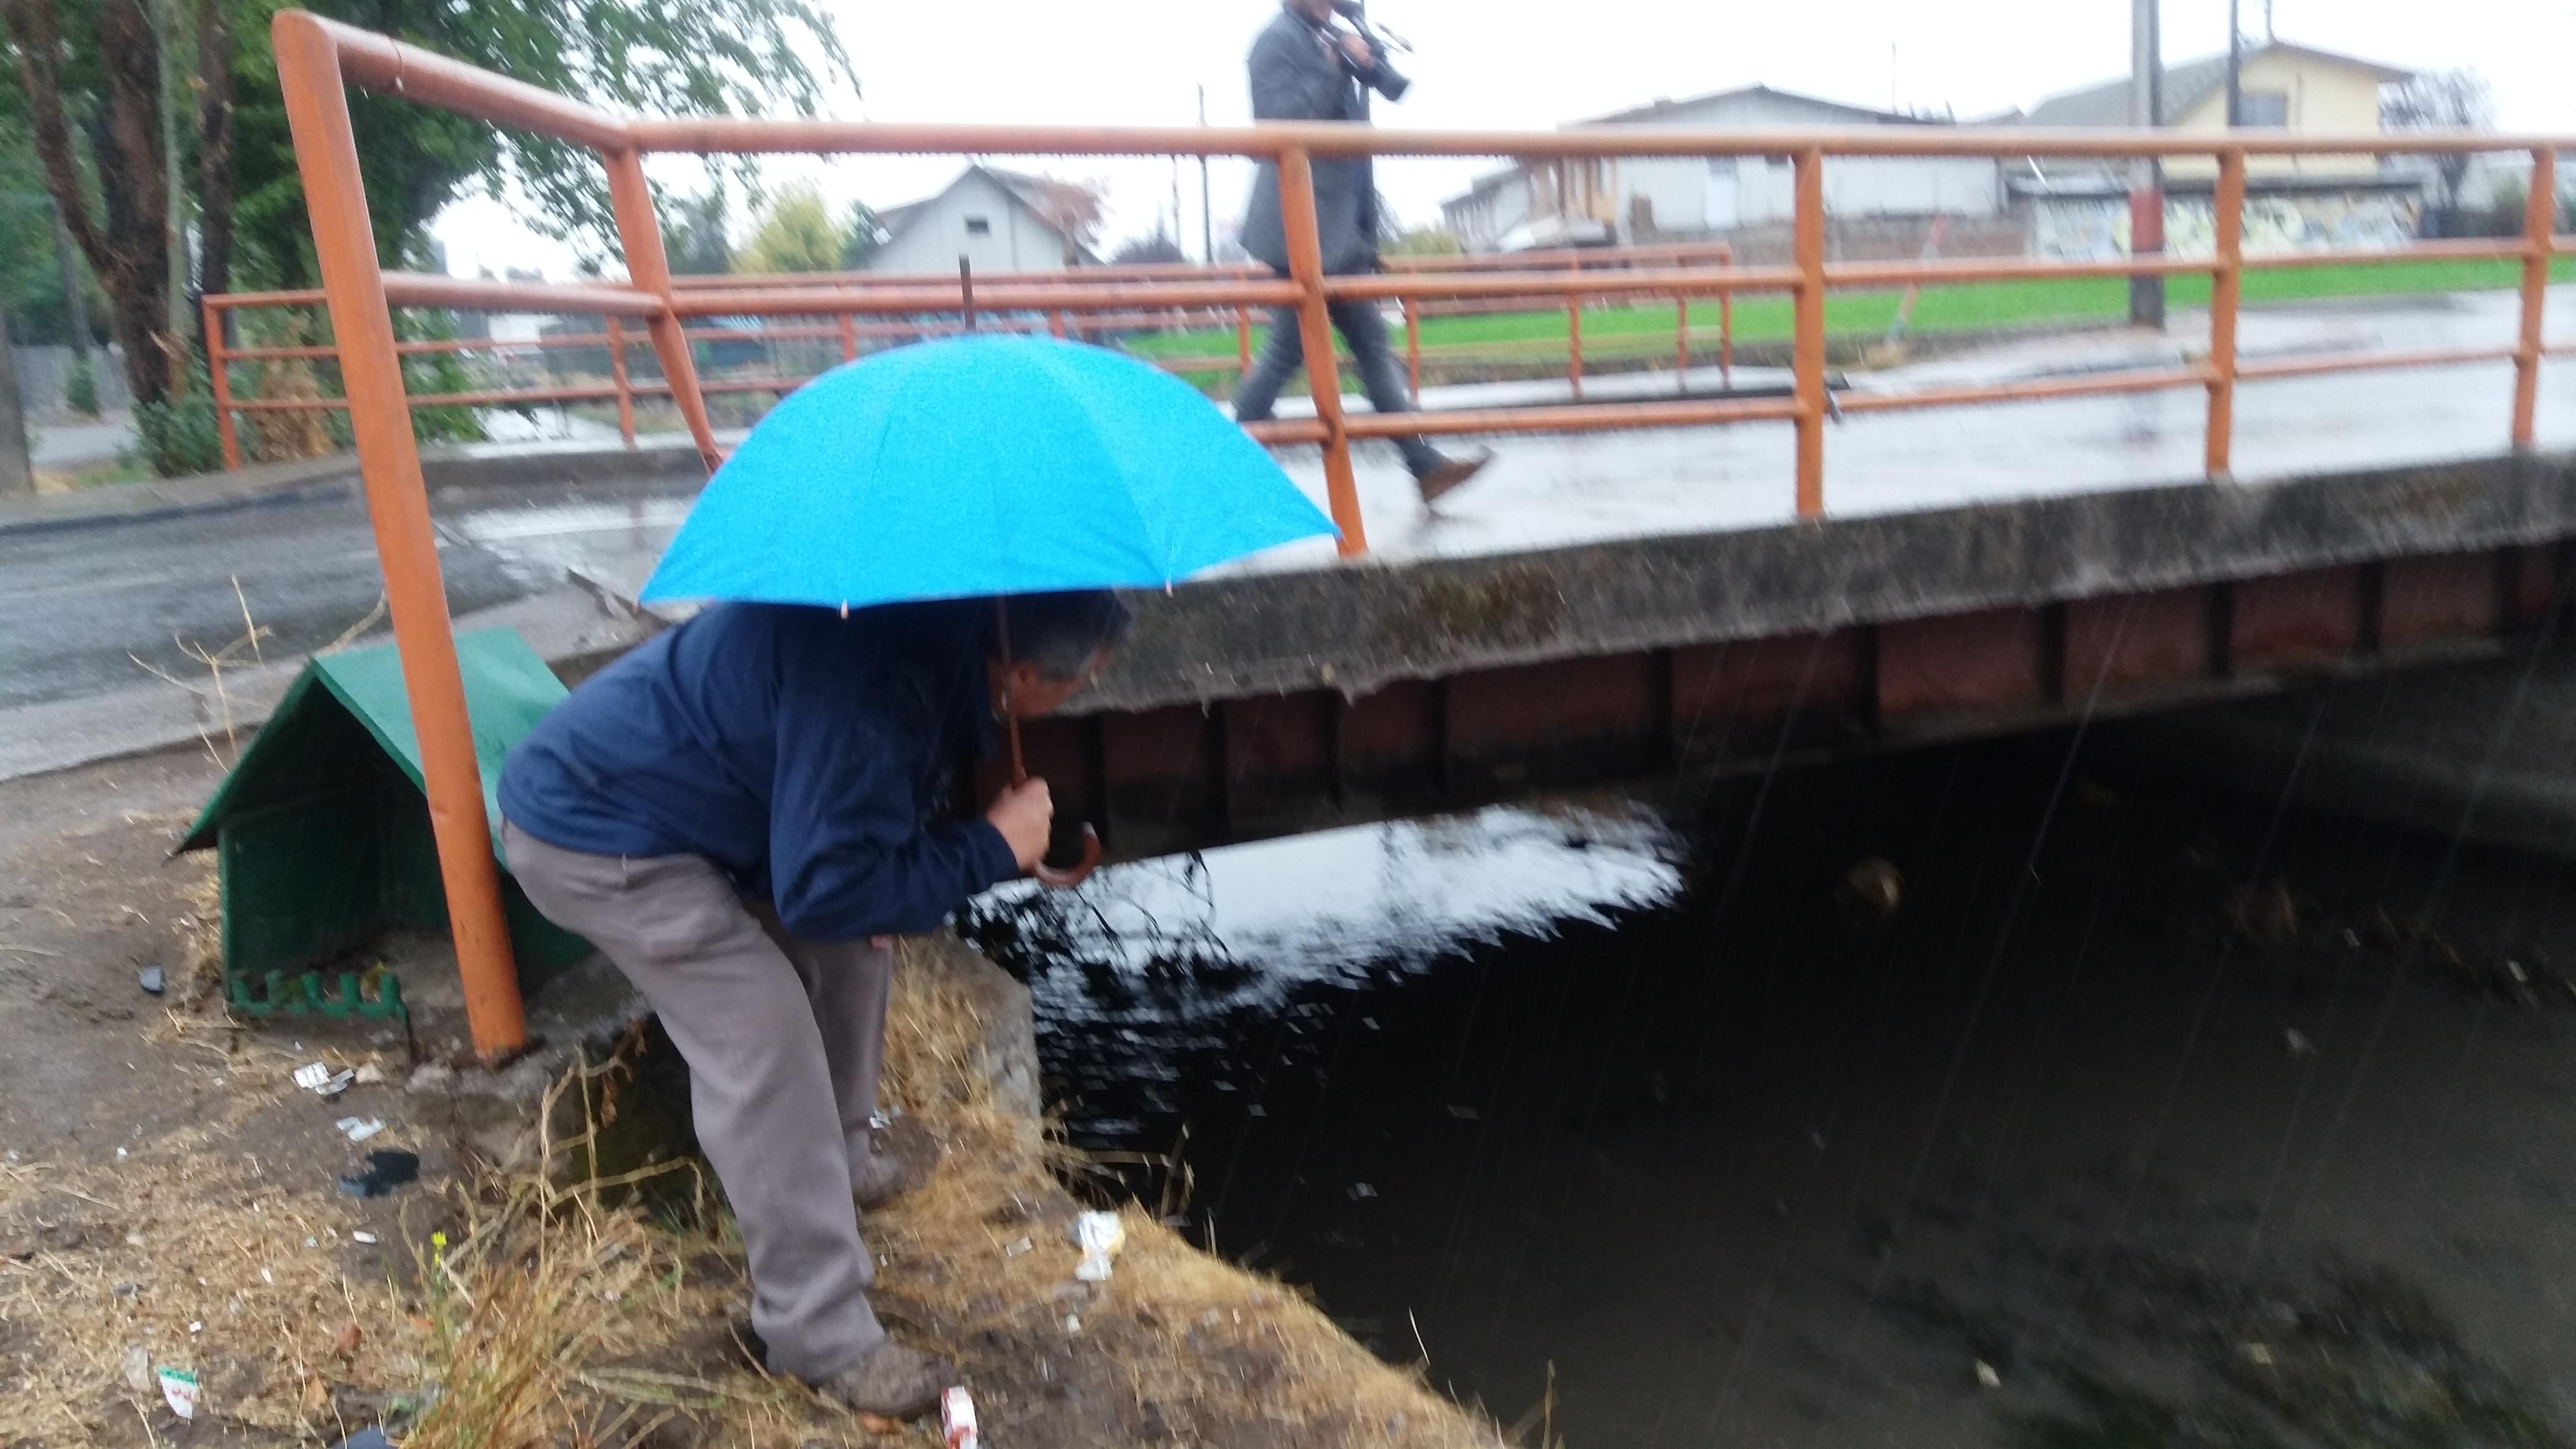 Intensas lluvias y el paso de vehículos de alto tonelaje provocaron daños a puente que conduce a la población Faustino González en Talca.